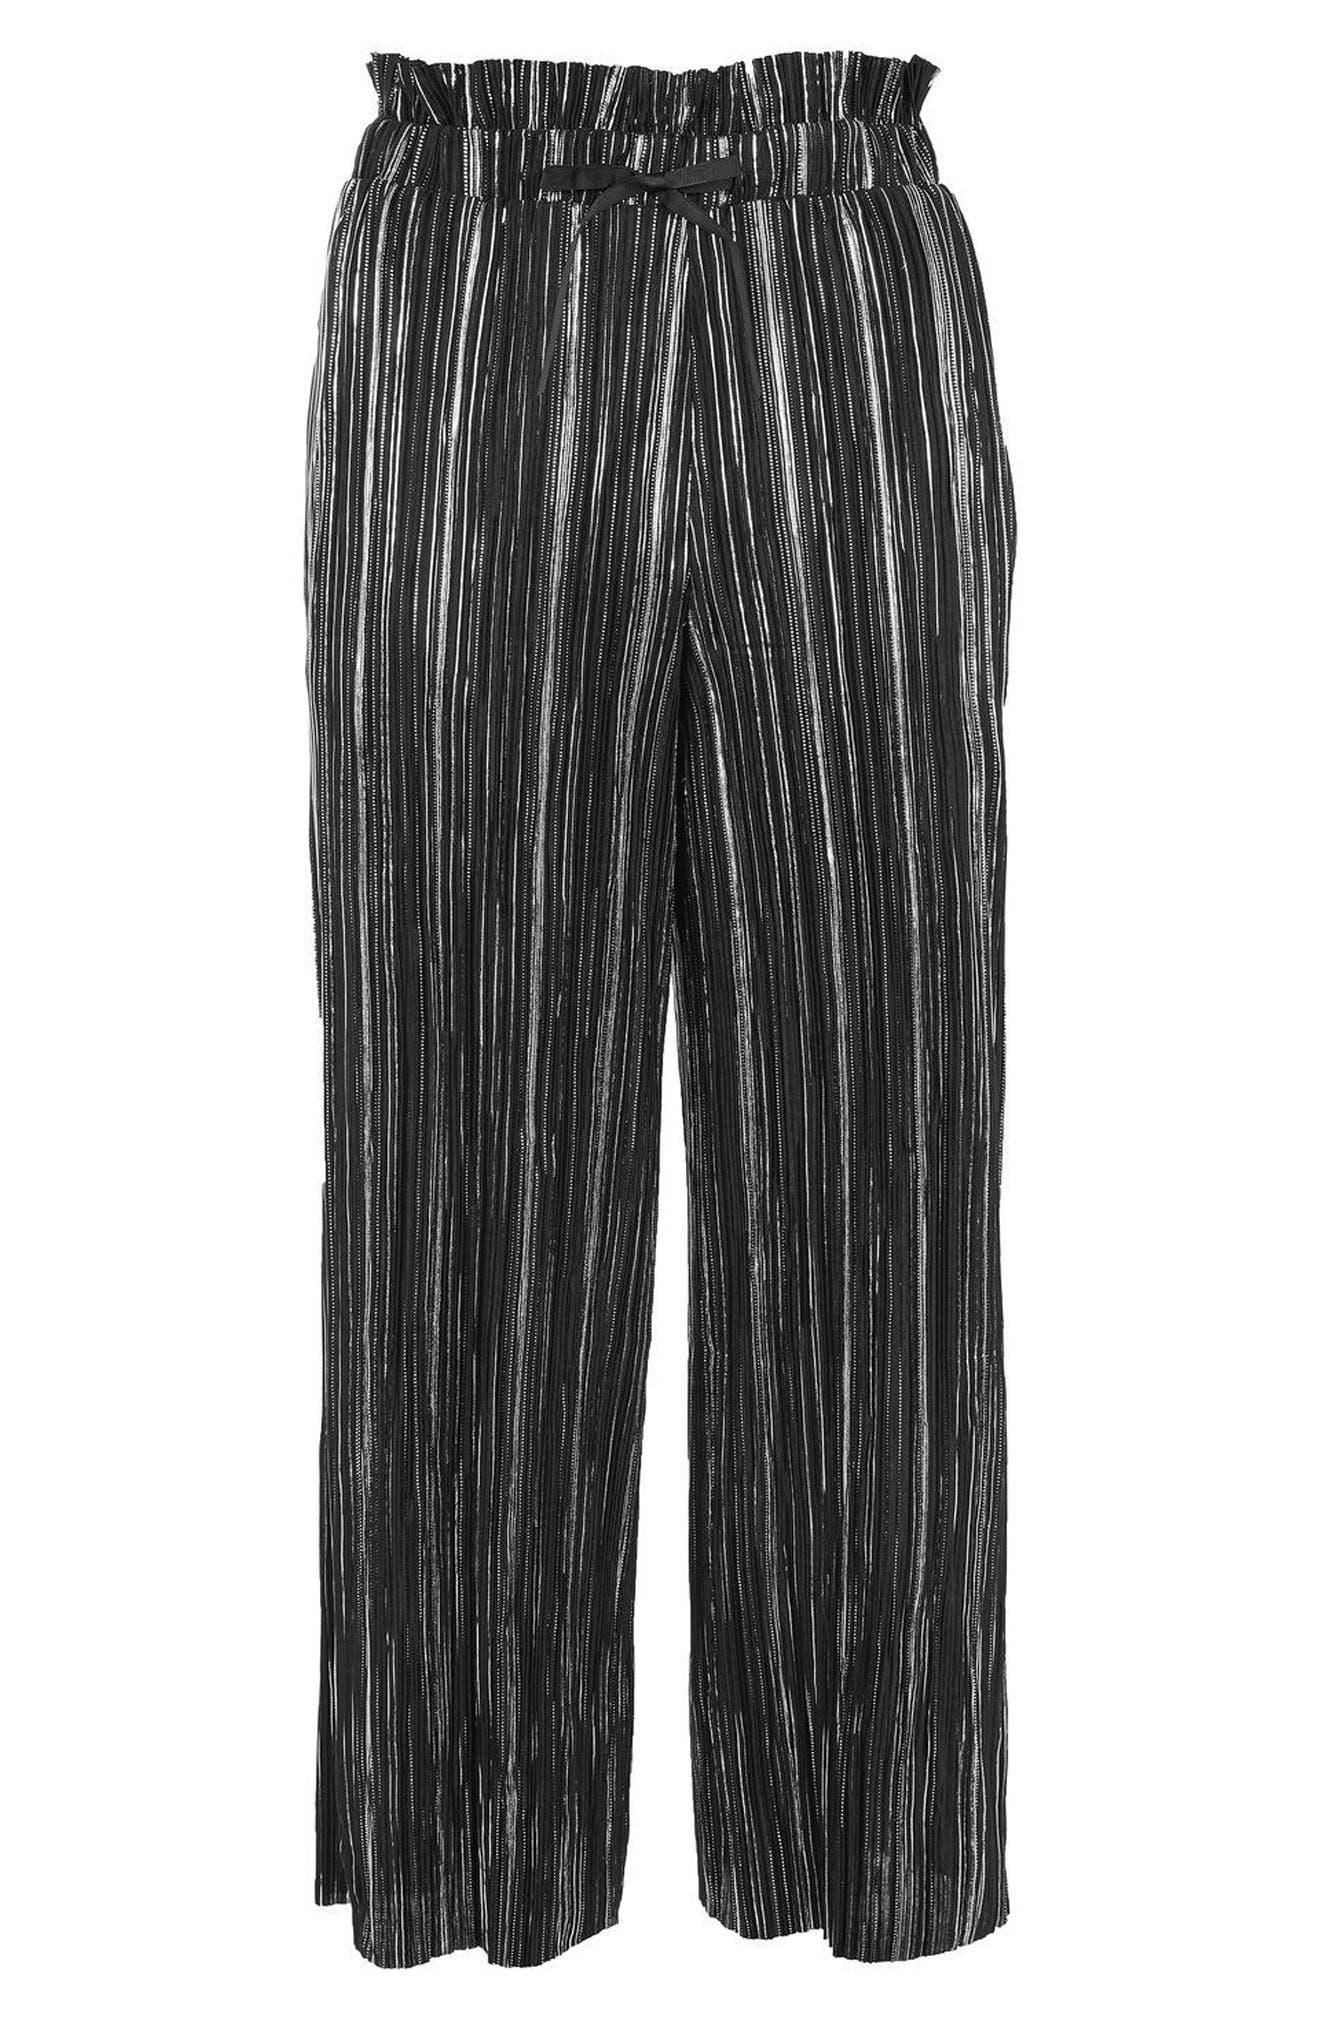 Metallic Plissé Pants,                             Alternate thumbnail 4, color,                             Black Multi